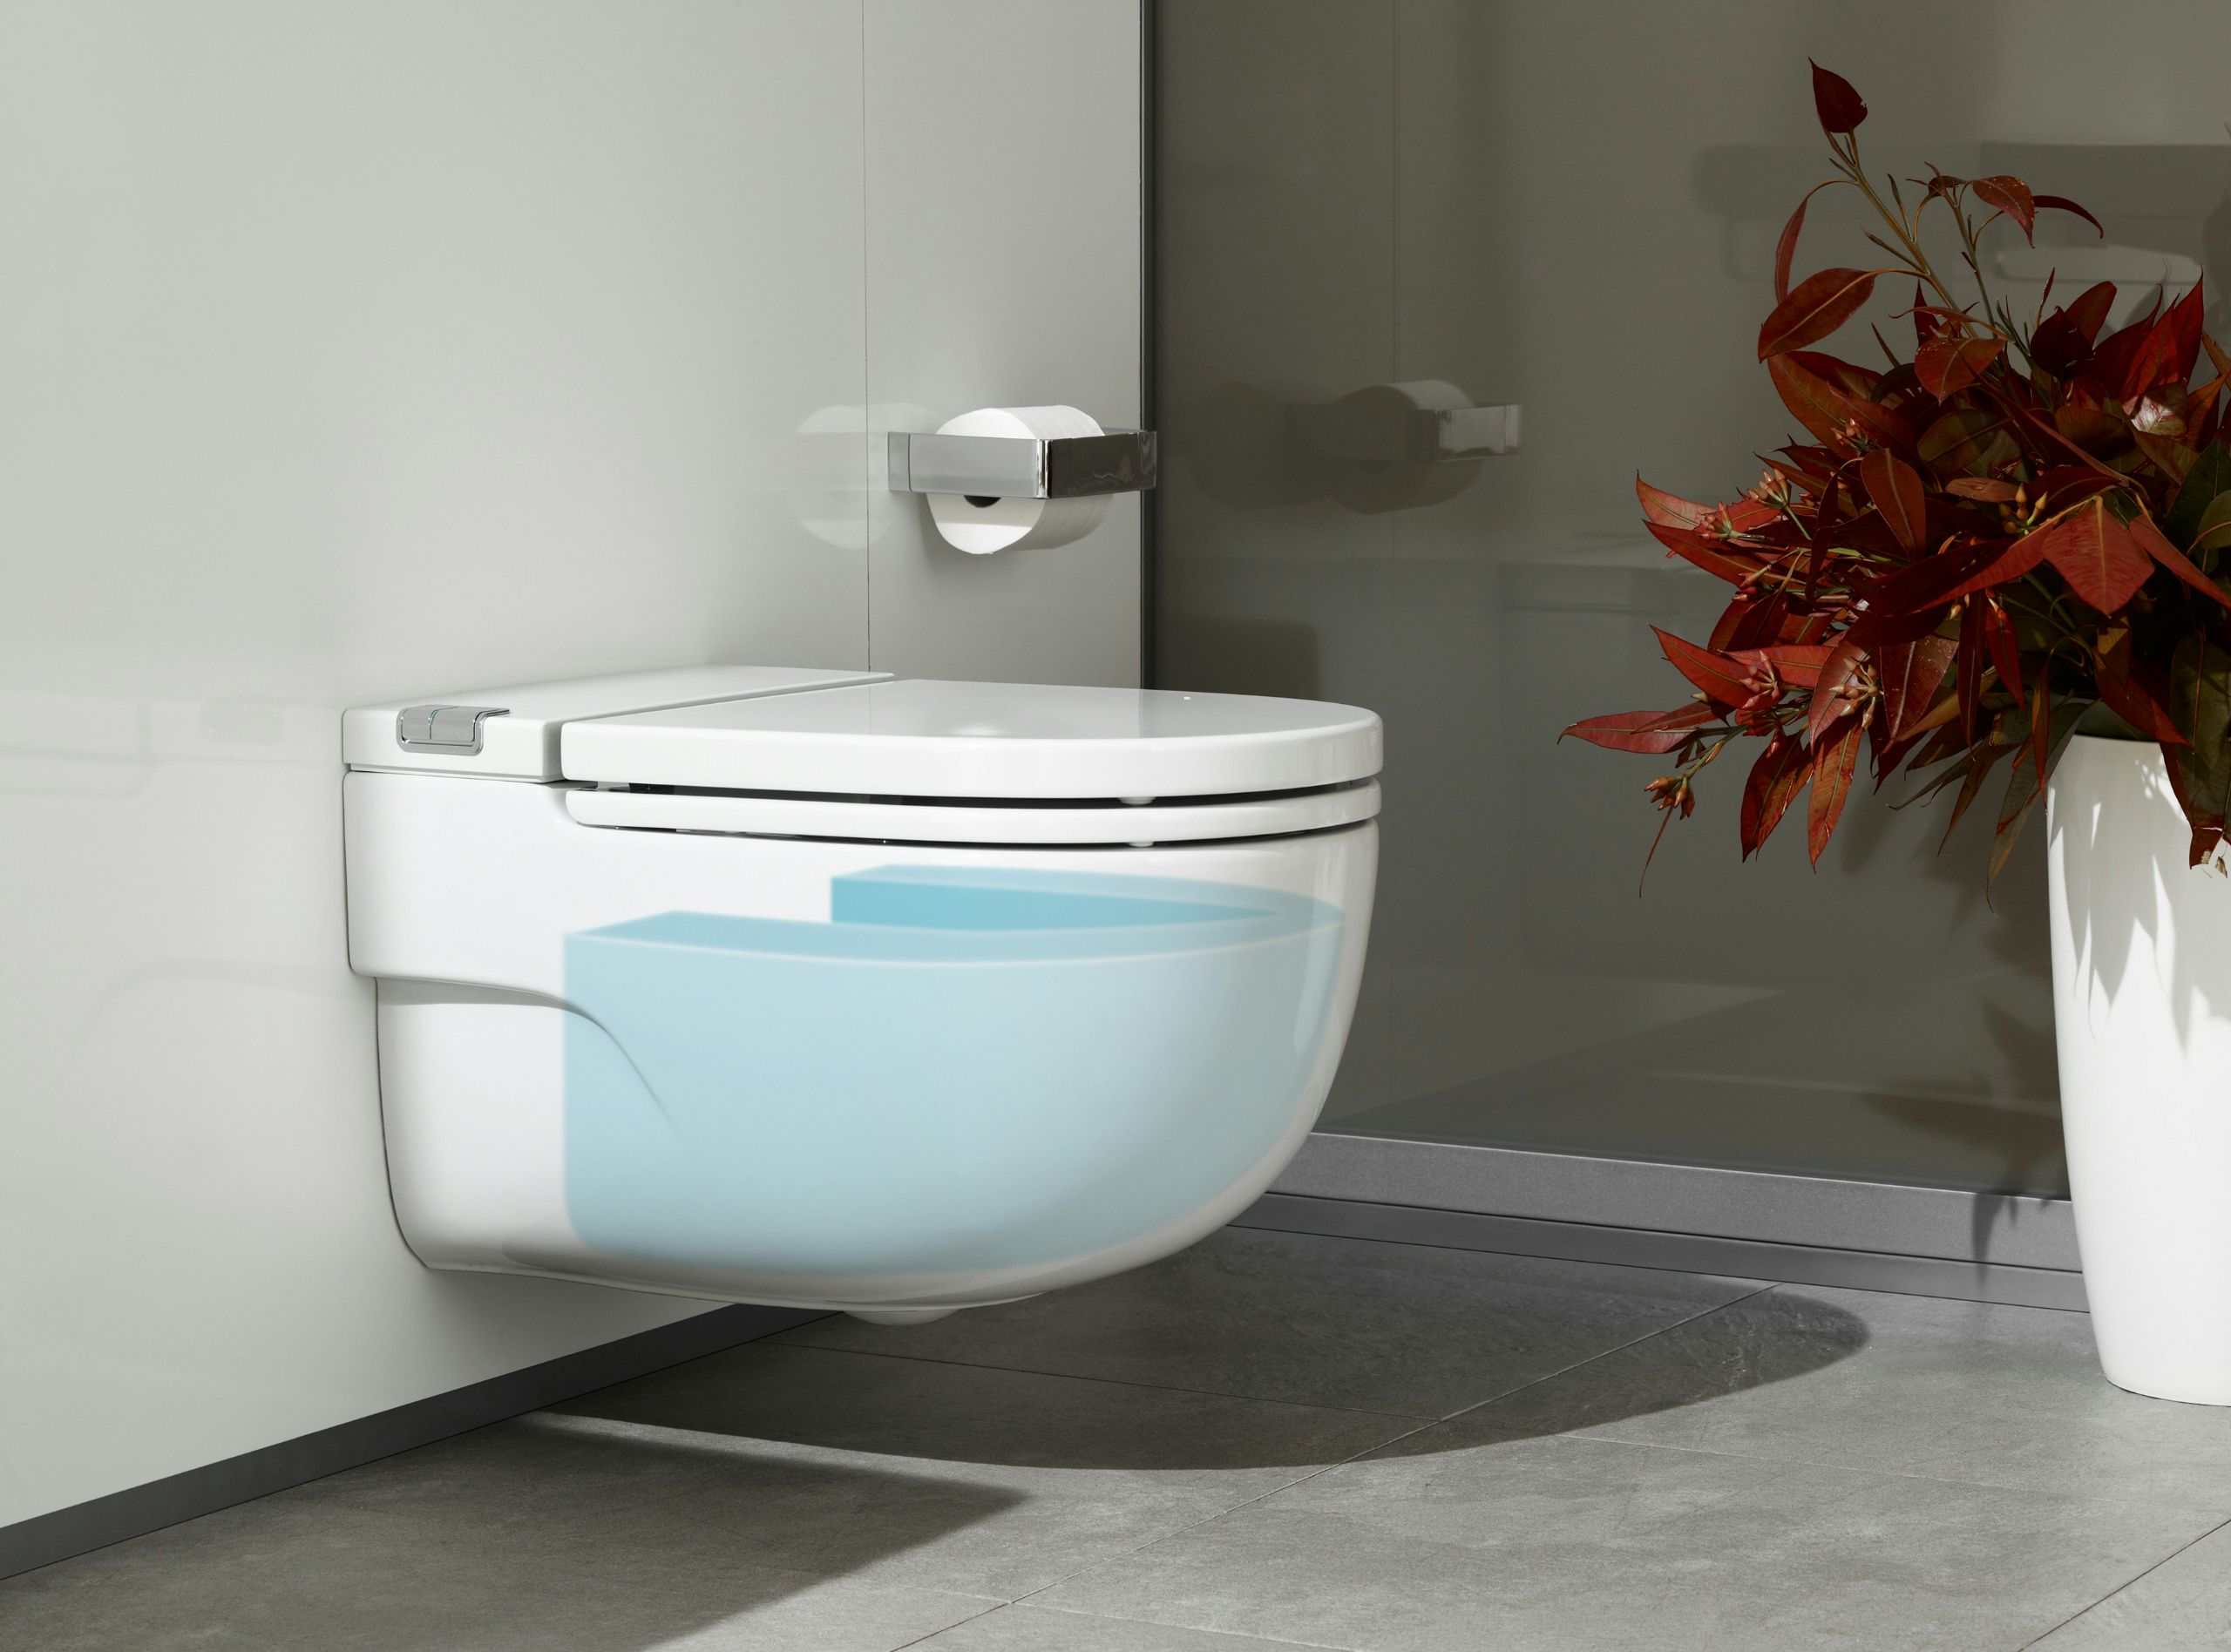 Vasca Da Bagno On Tumblr : Come arredare il bagno con la doccia e la vasca da bagno u idee